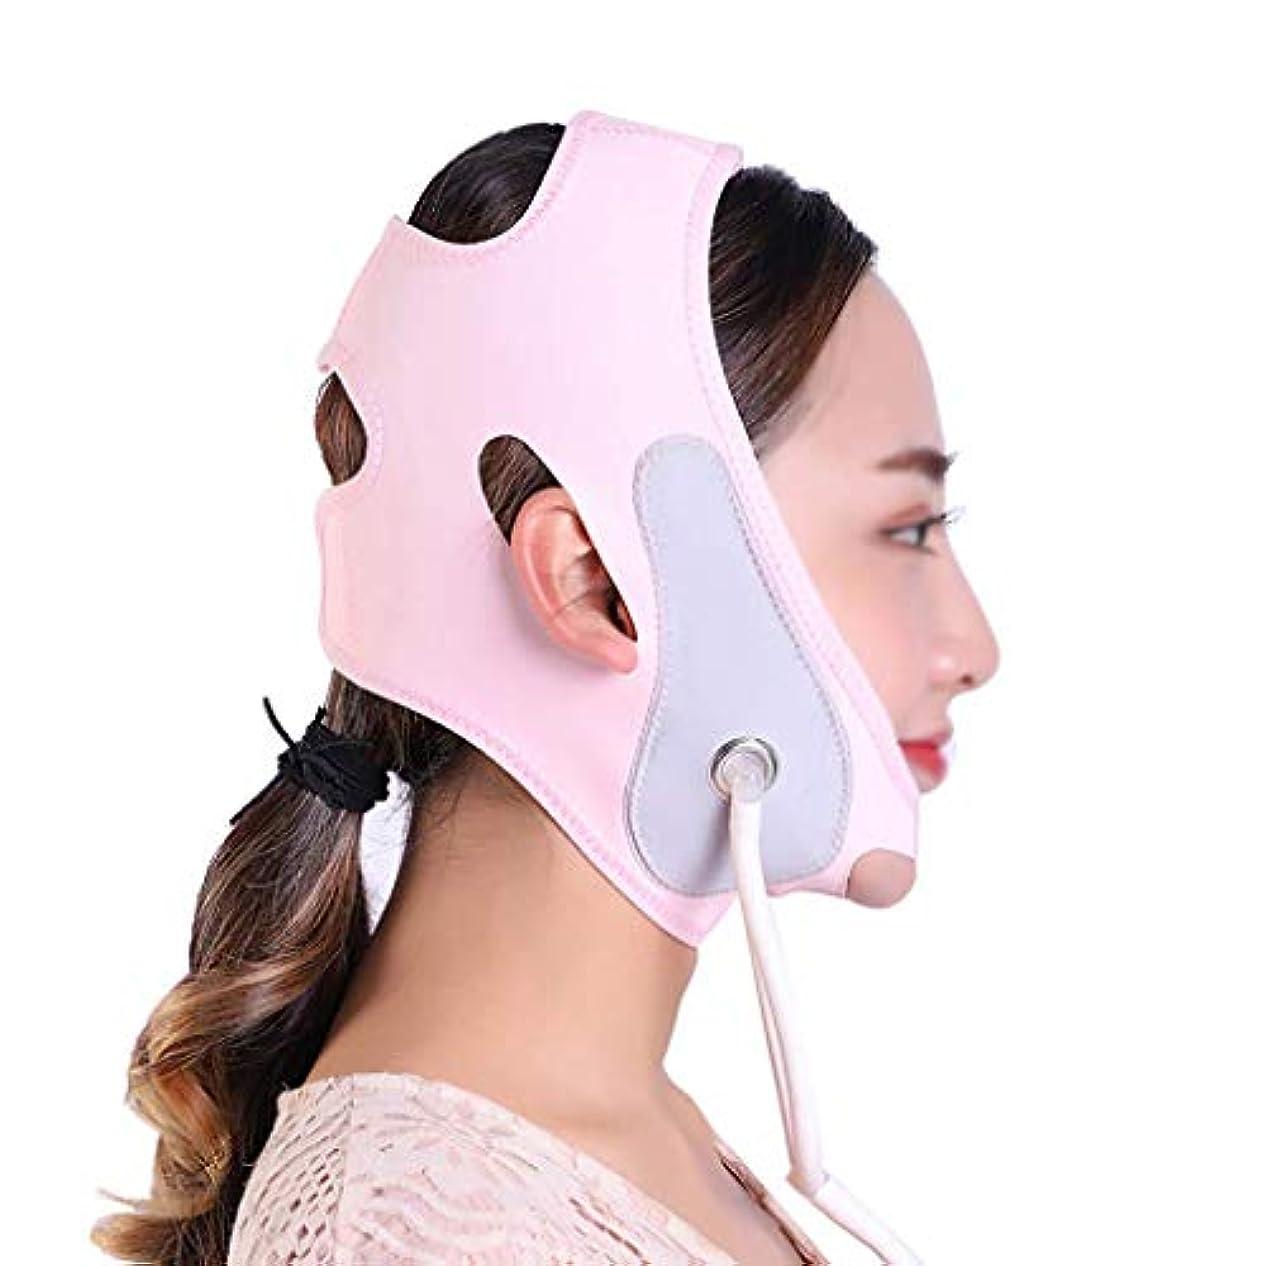 コンピューターゲームをプレイする可能悪性の顔と首のリフト後伸縮性スリーブシンフェイスマスク引き締め肌の改善マッサージリフティング収縮シンフェイス弾性包帯Vフェイスアーティファクト